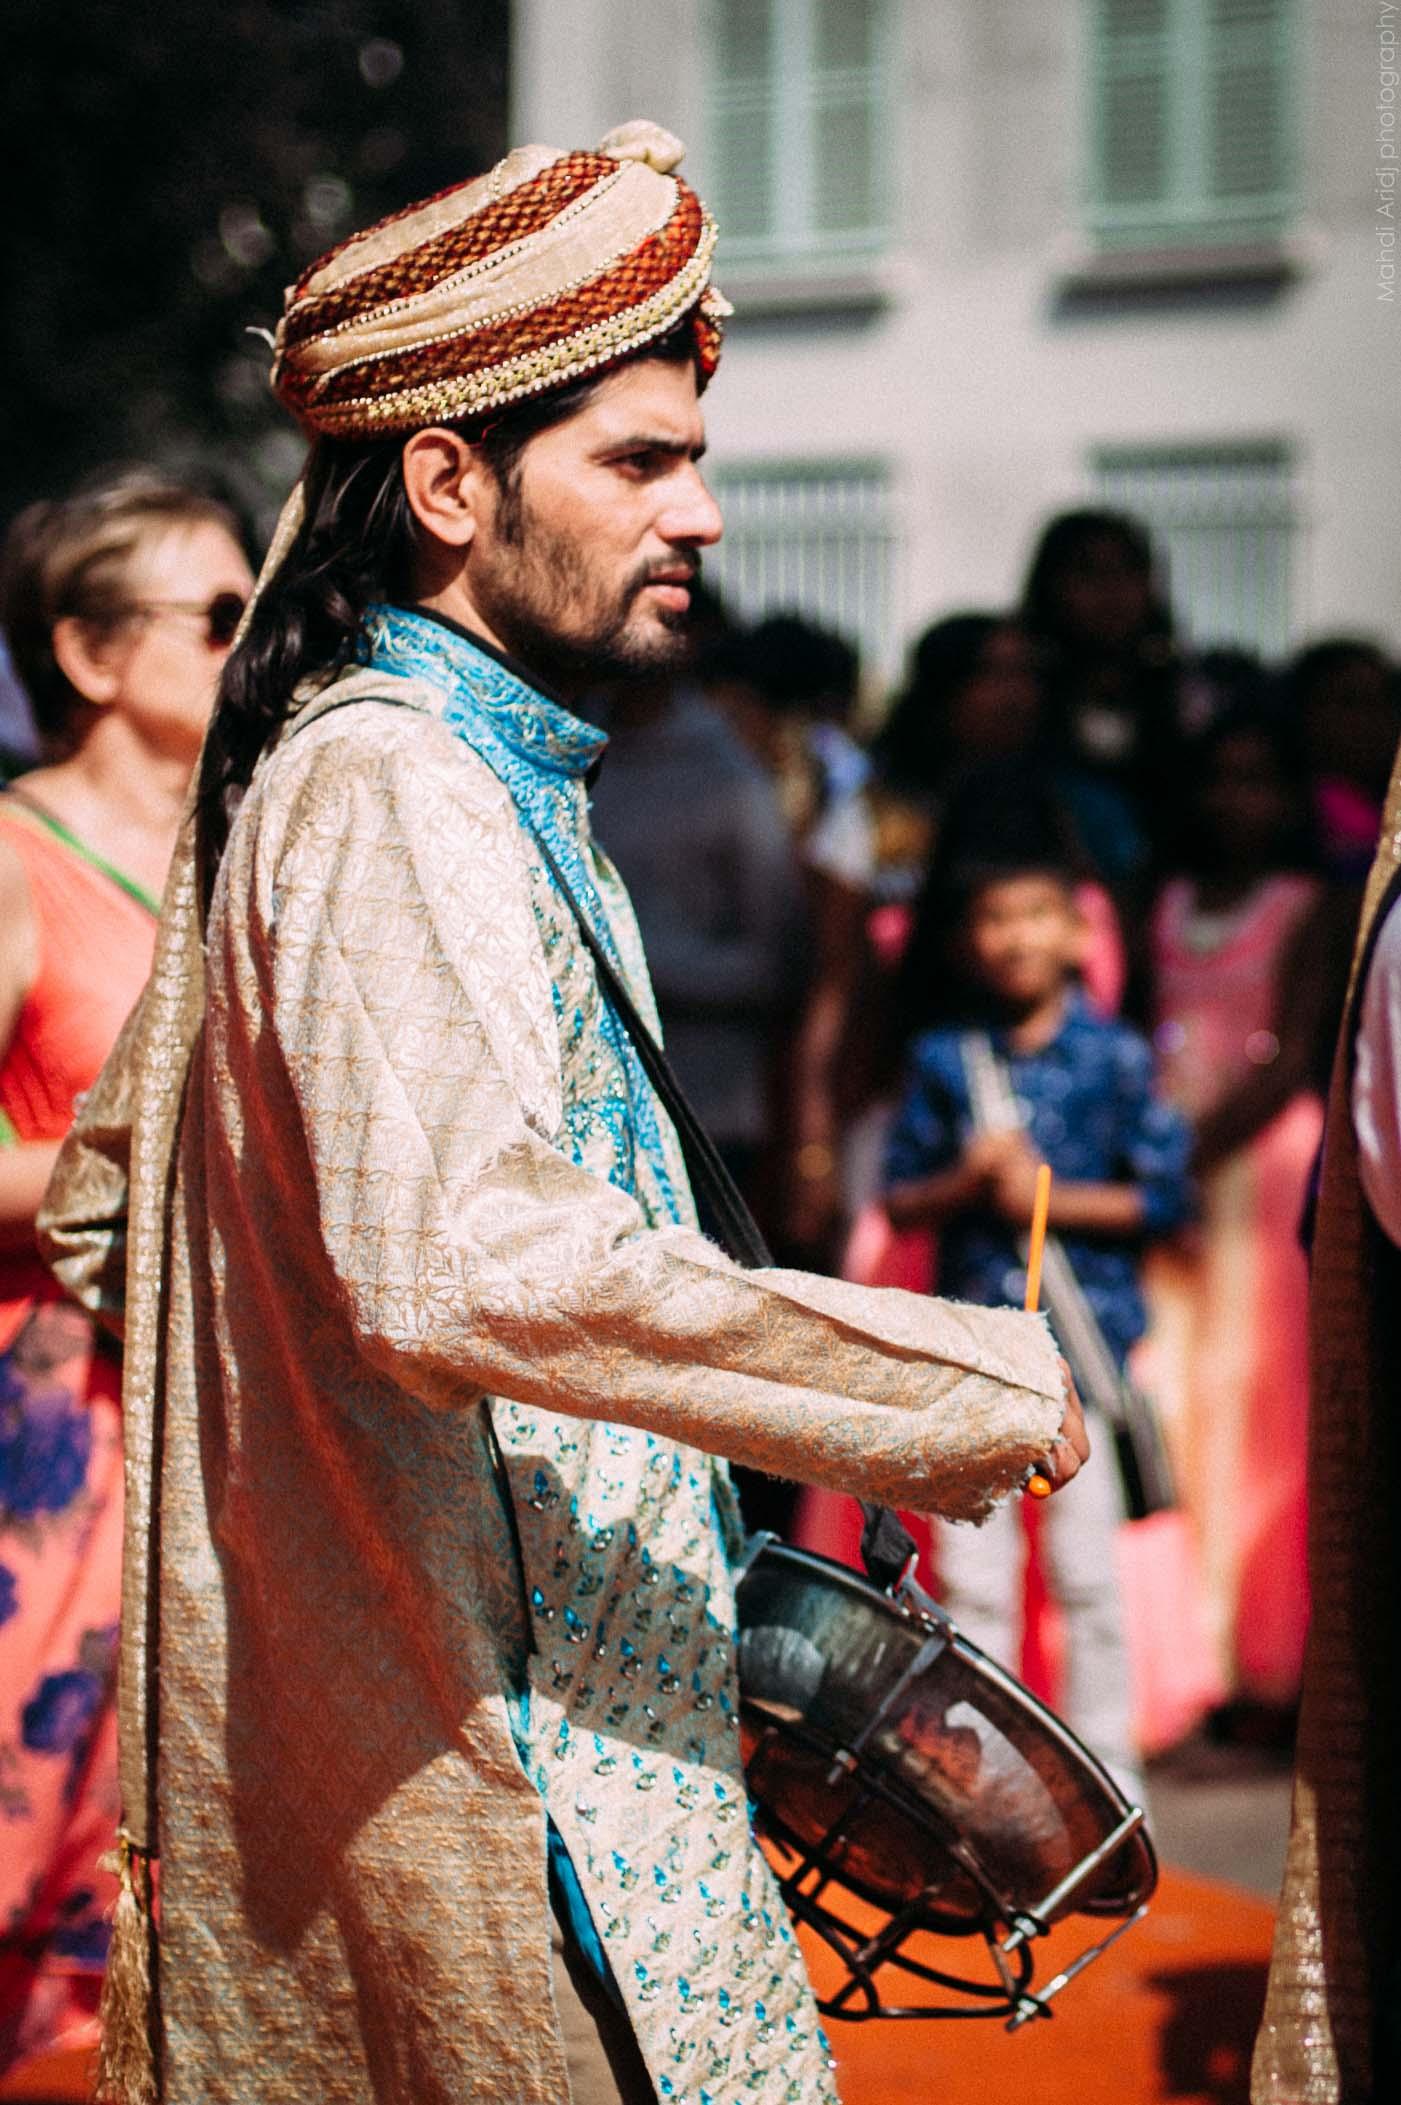 Fête de Ganesh - Ganesh festival - Vinayaka Chaturthi - Pillayar Chaturthi Paris 2017